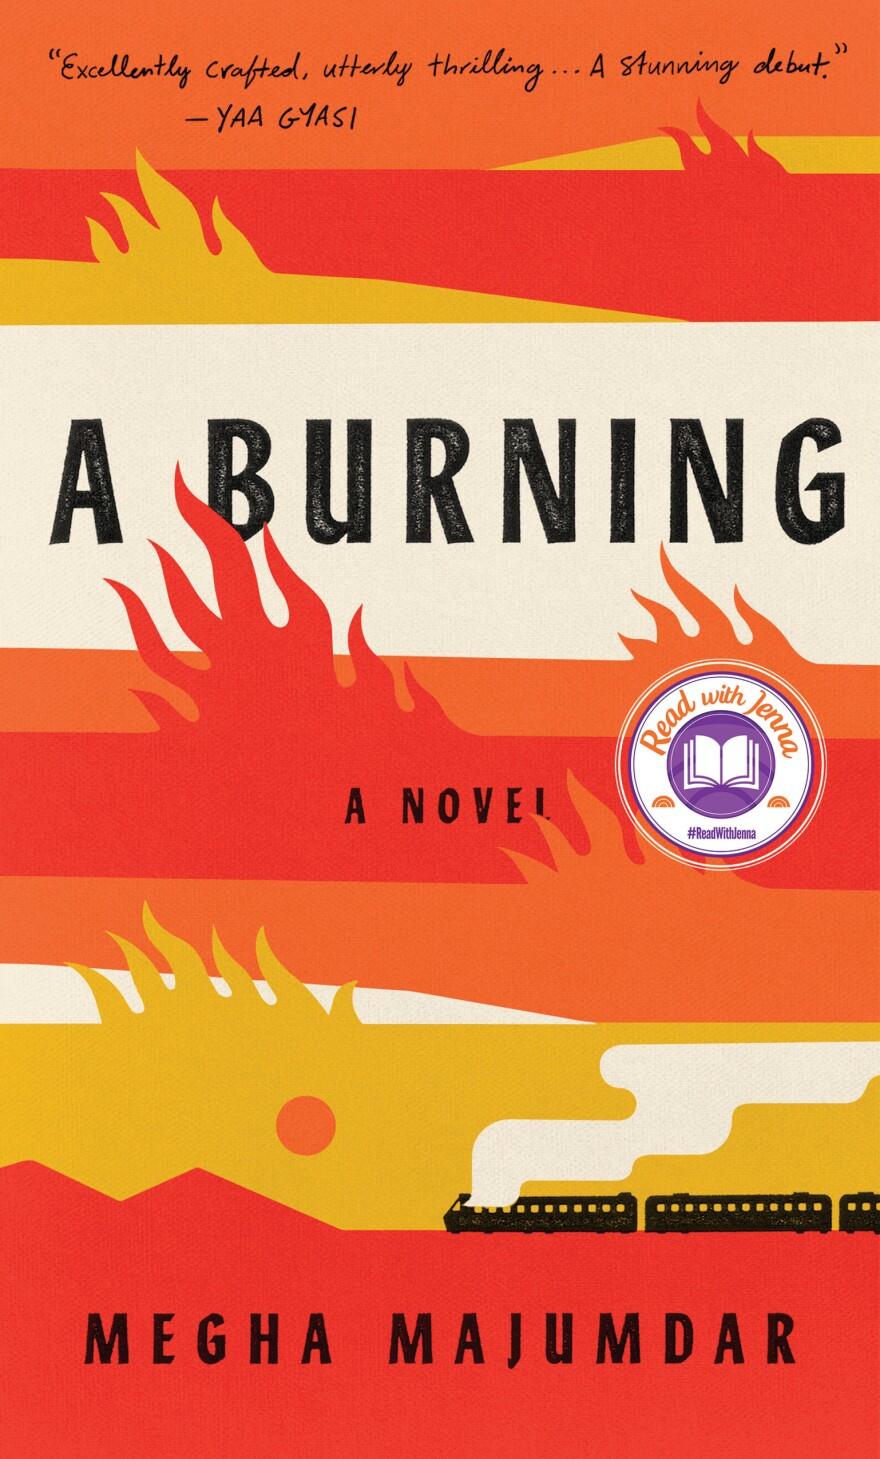 a_burning__cover_art.jpg